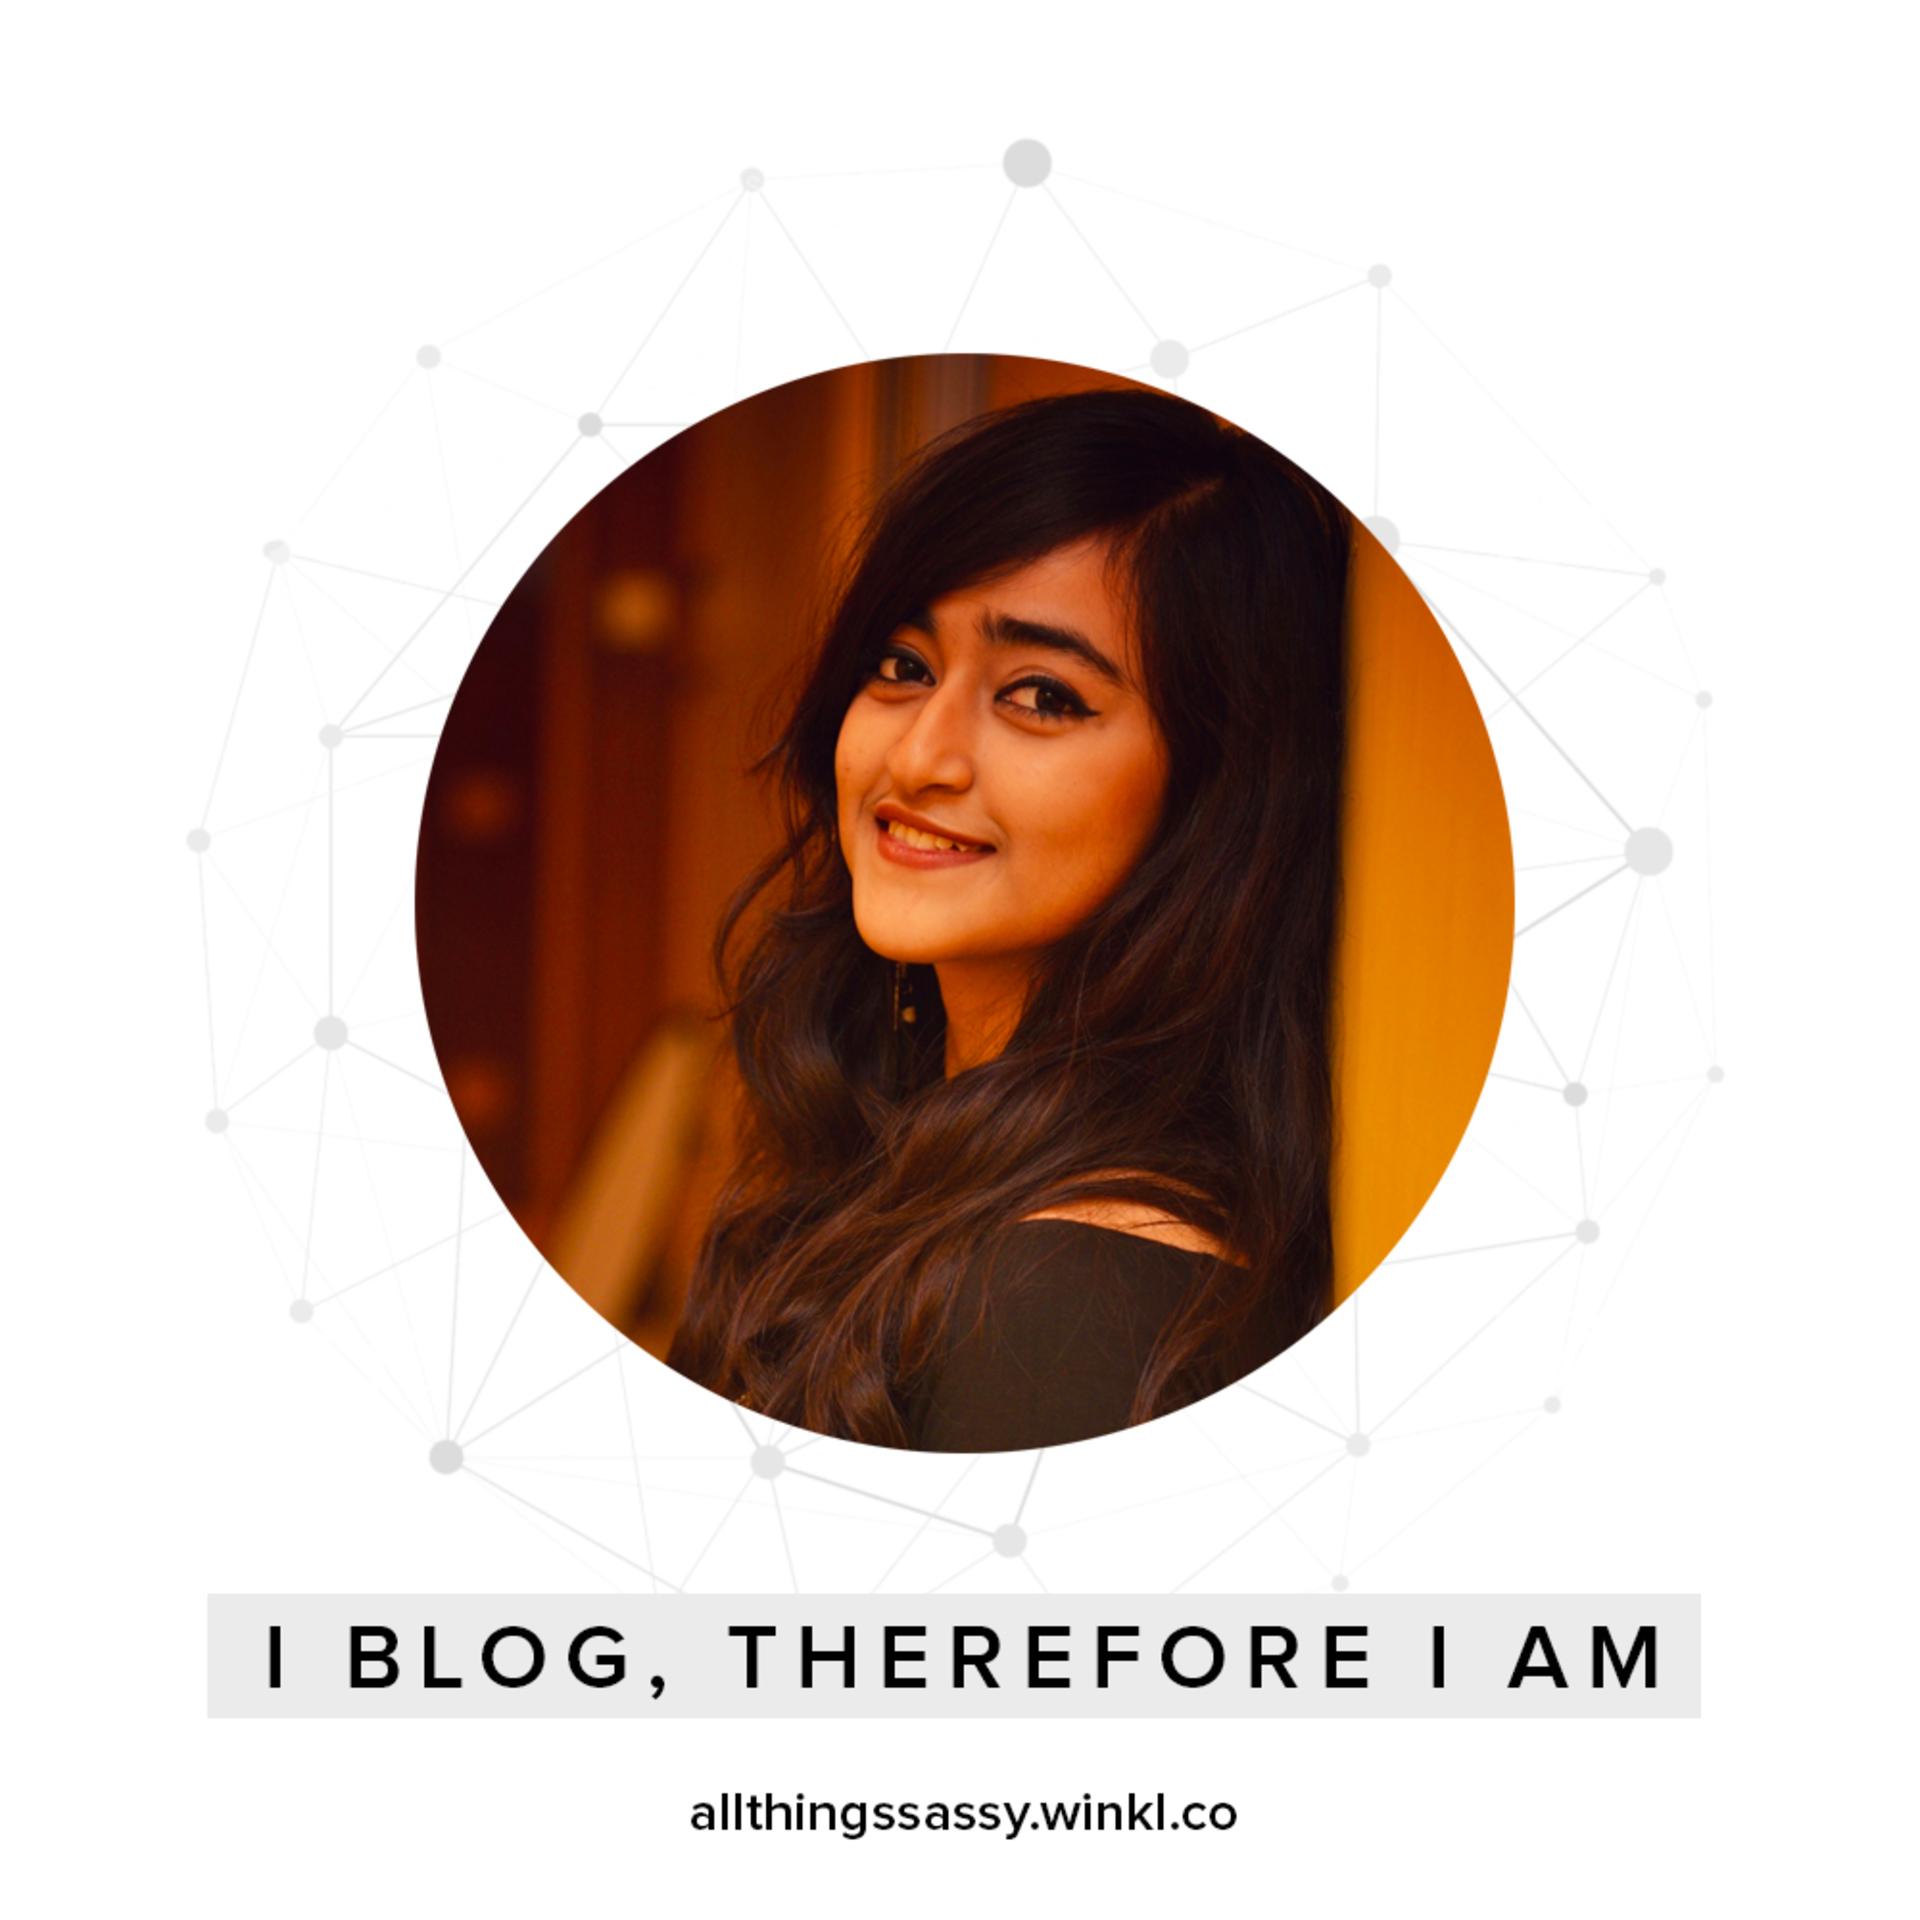 Winkl Blog - 40